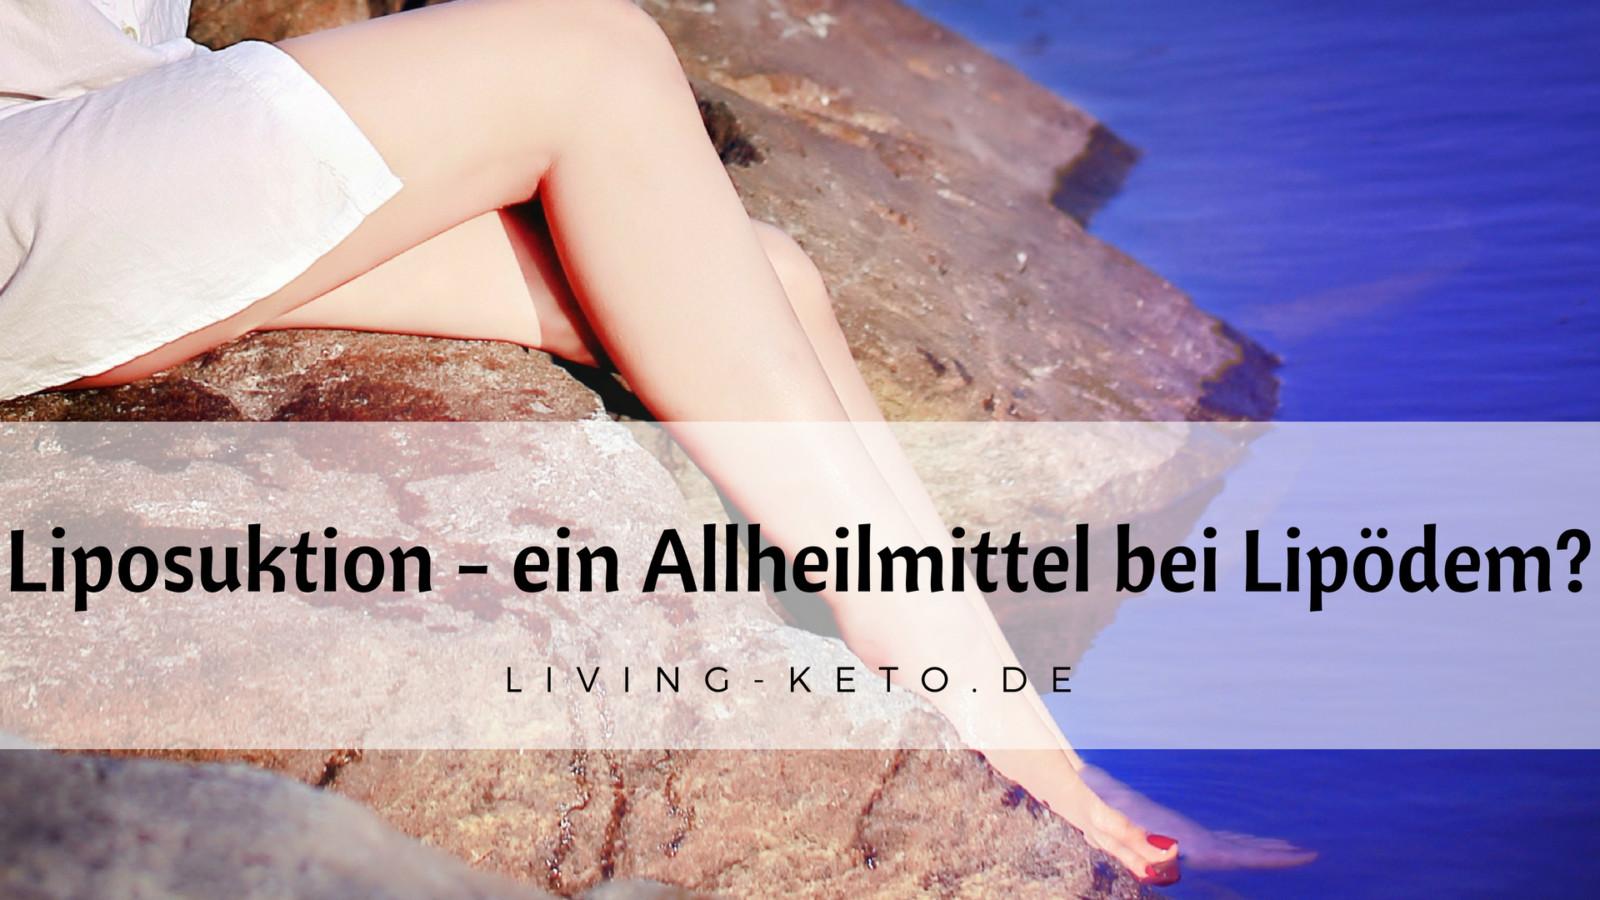 Liposuktion – ein Allheilmittel bei Lipödem?